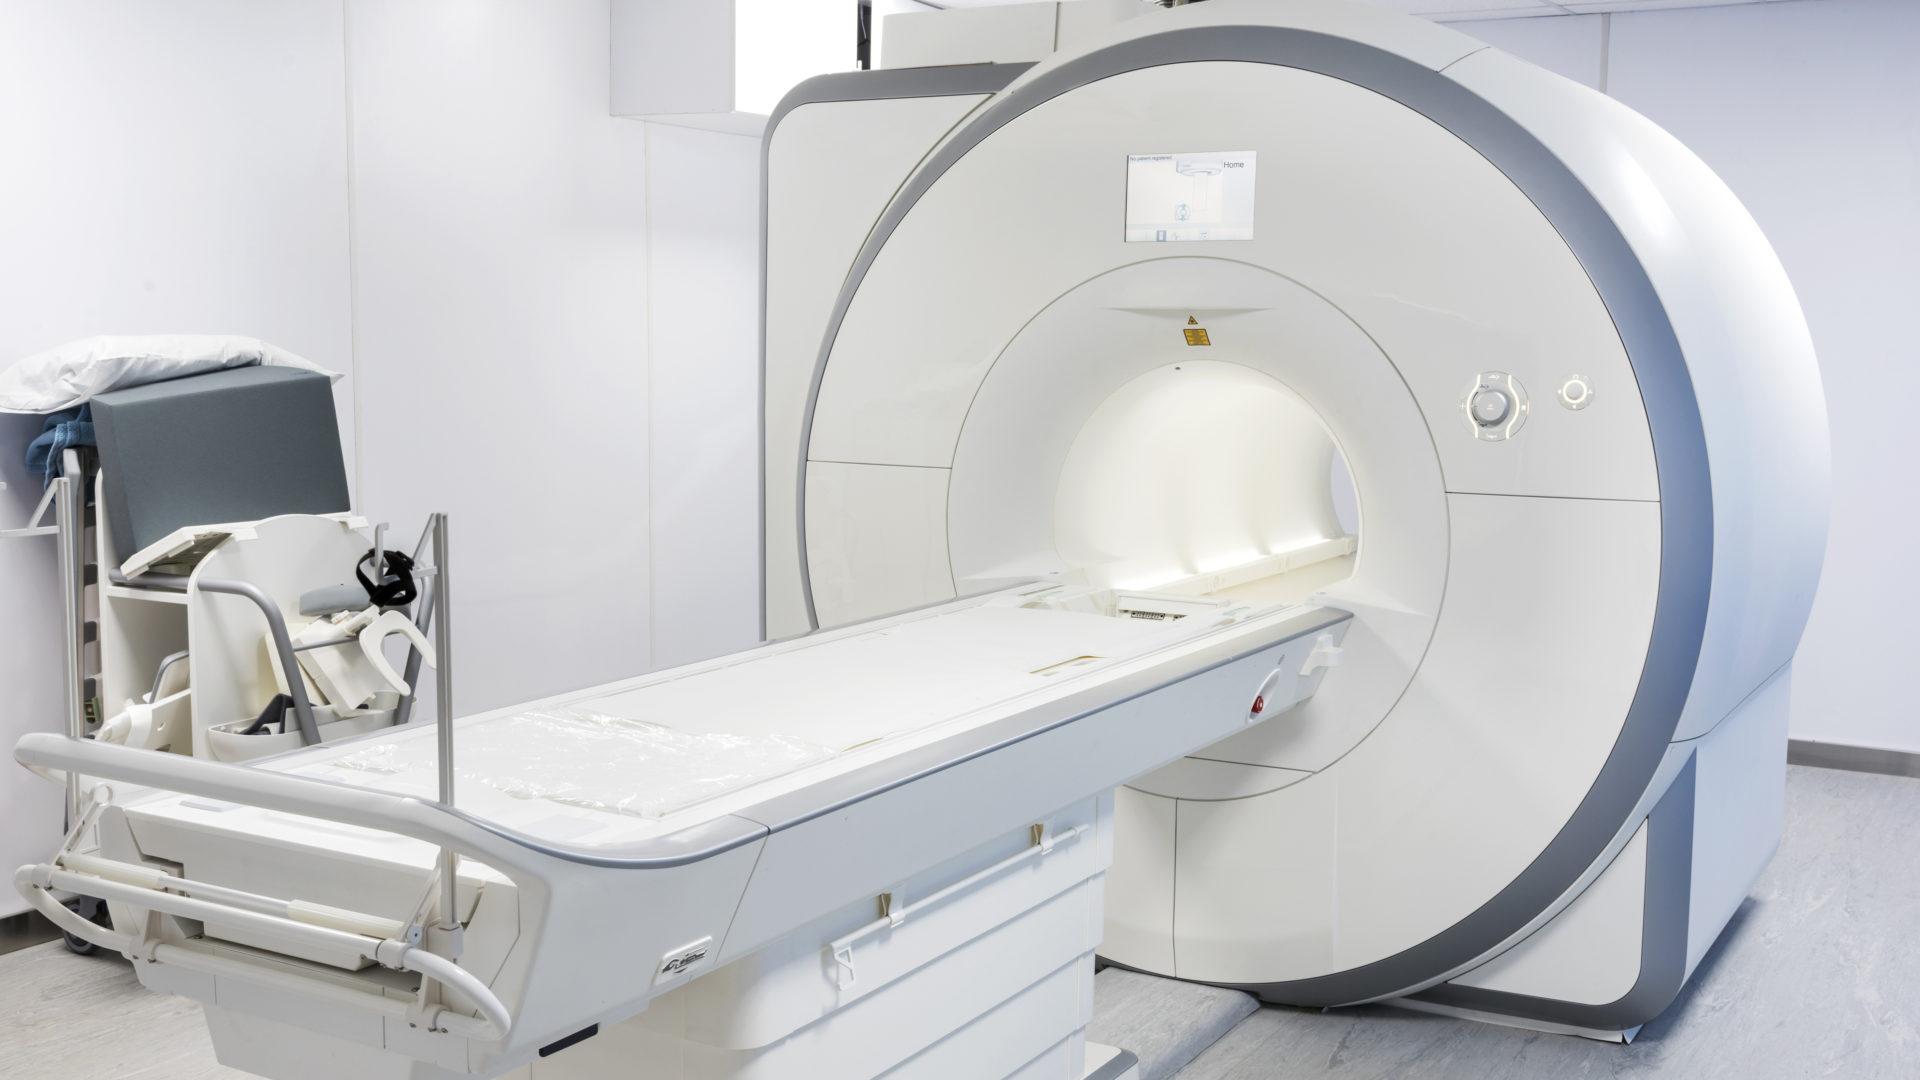 Ongelmaksi yhä tarkentuvat magneettikuvaukset käyvät siinä vaiheessa, kun niiden rappeumalöydöksiä aletaan tulkita sairauksiksi.